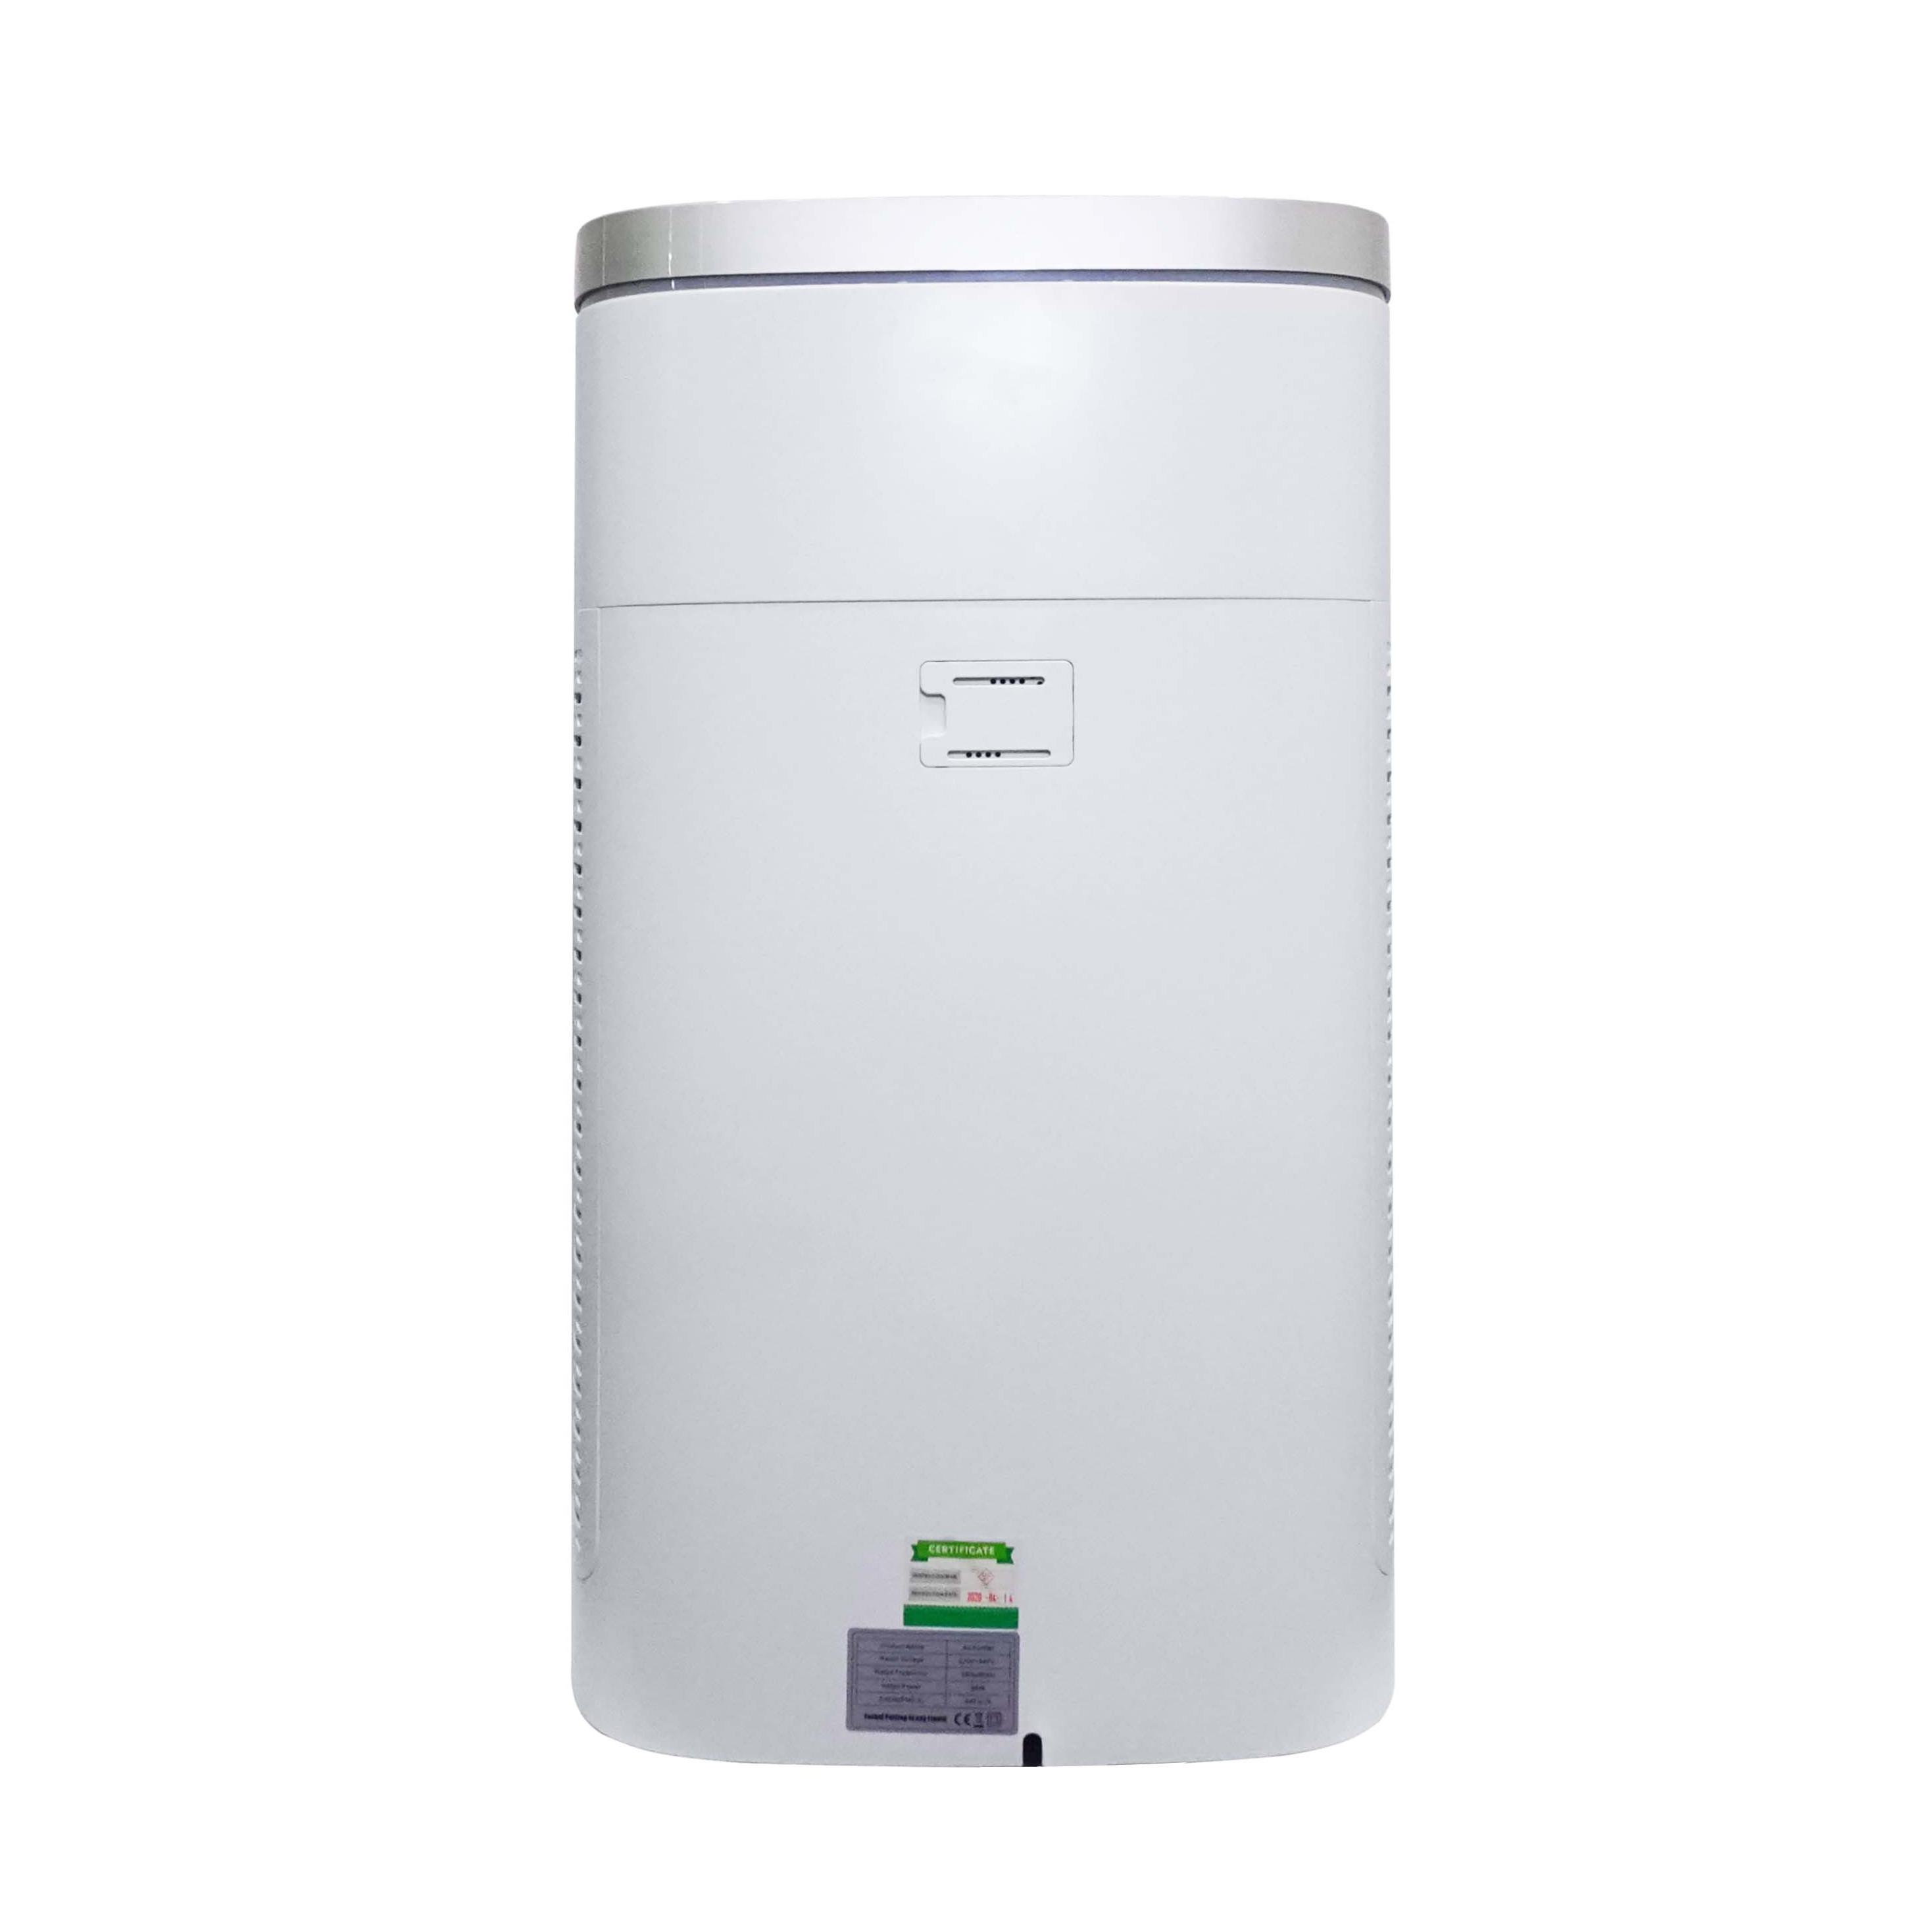 Máy Lọc Không Khí Ebraco E800 - 2 Bộ Lọc HEPA - Lọc Mùi, Phấn Hoa, Bụi Mịn - Hàng Chính Hãng